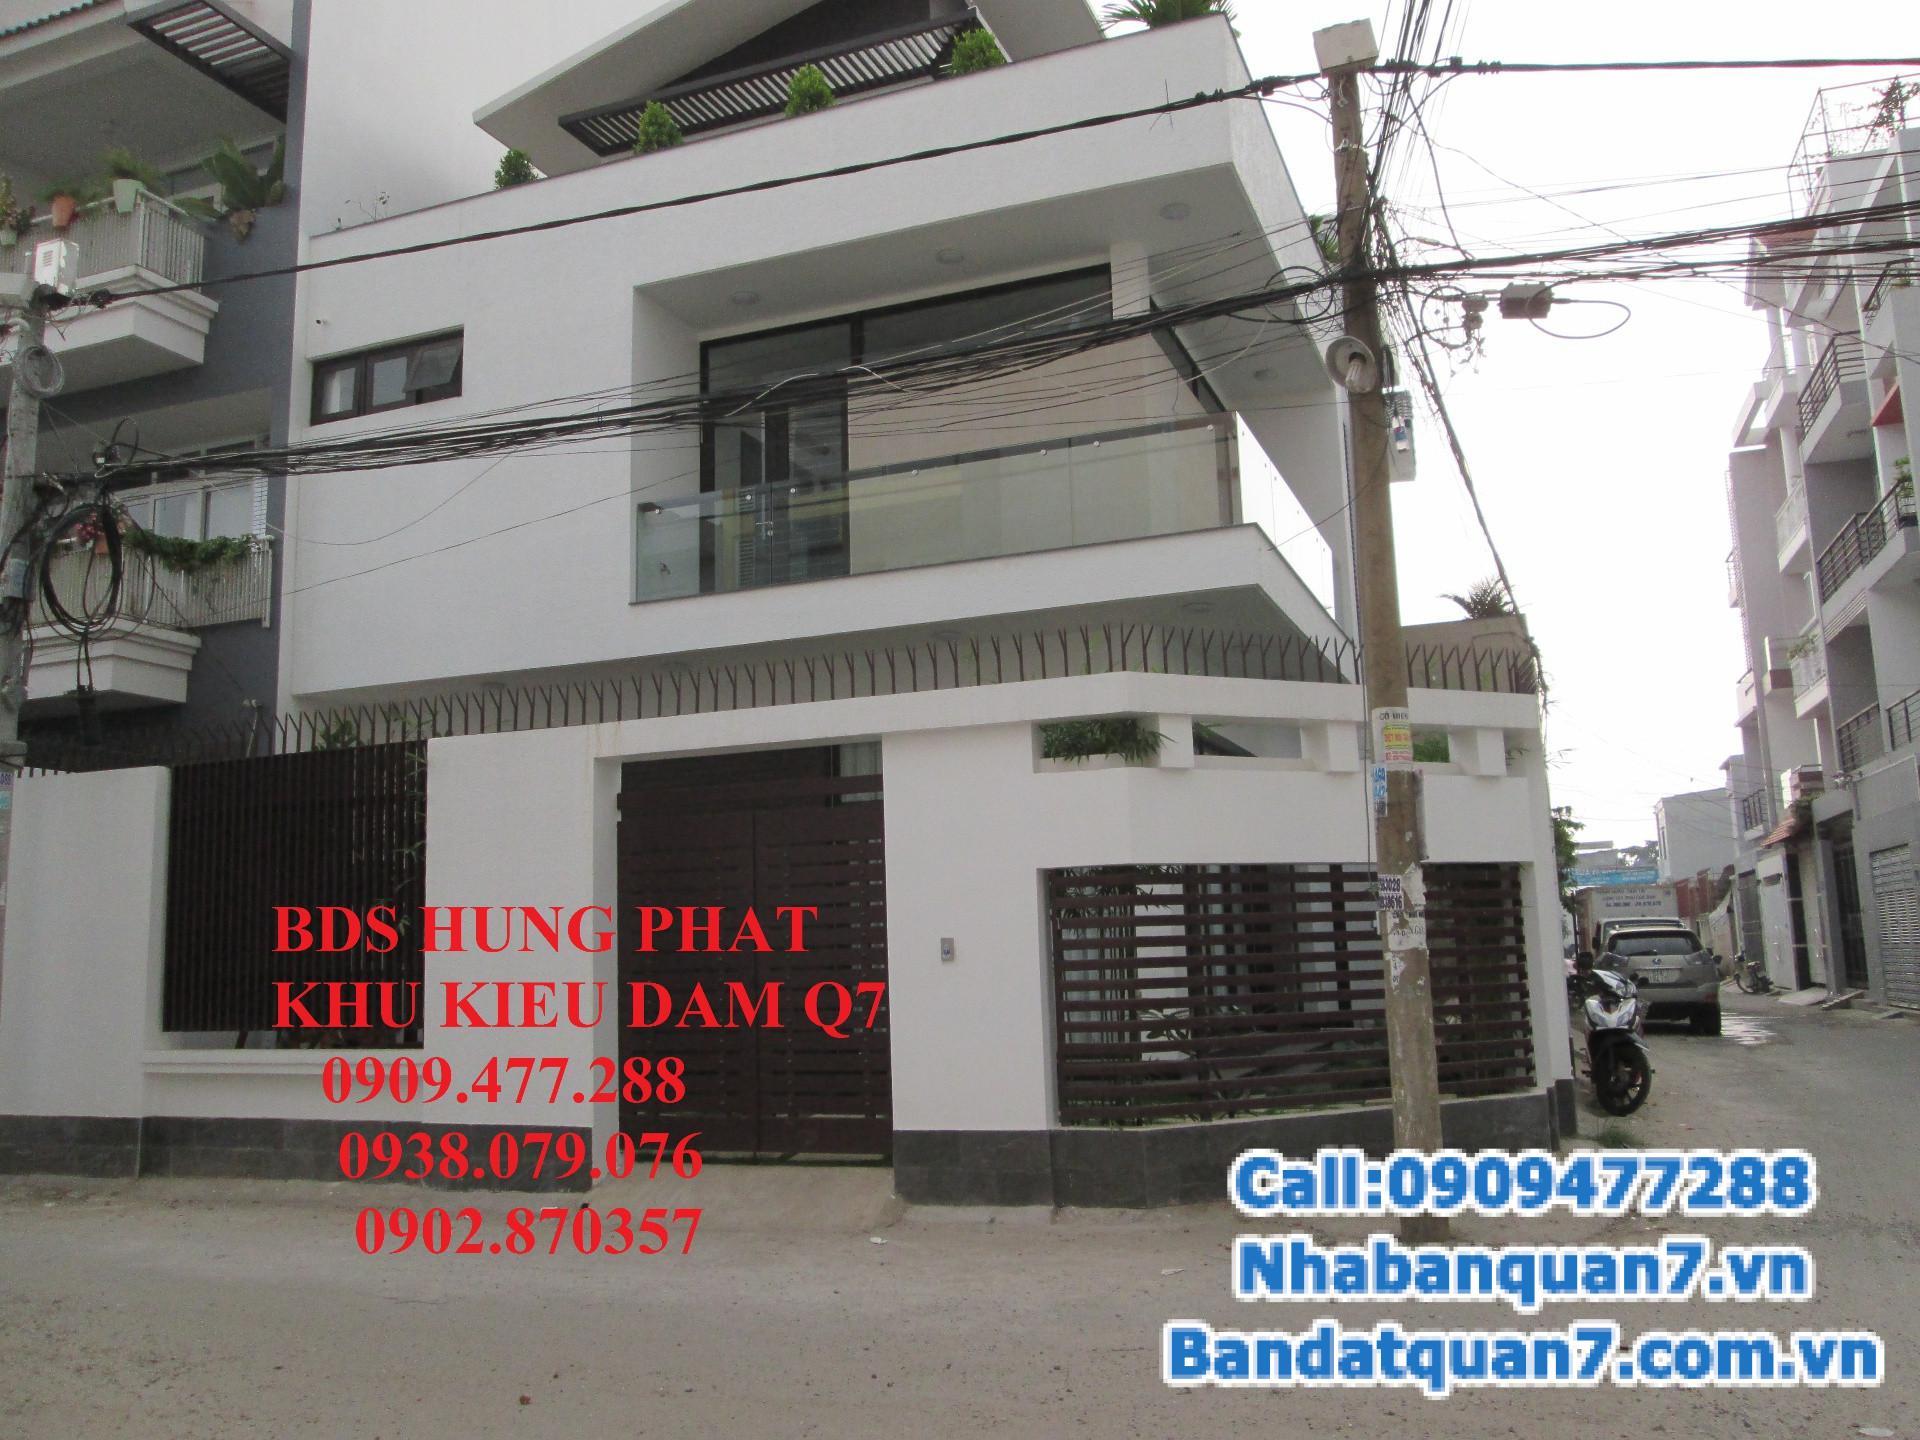 Nhà mới xây, thiết kế đẹp mắt nằm trong khu dân cư Kiều Đàm.